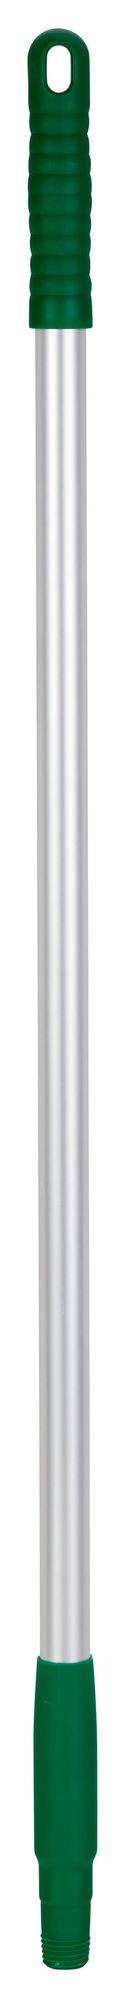 Vikan hygiëne steel 84 cm groen -   29312